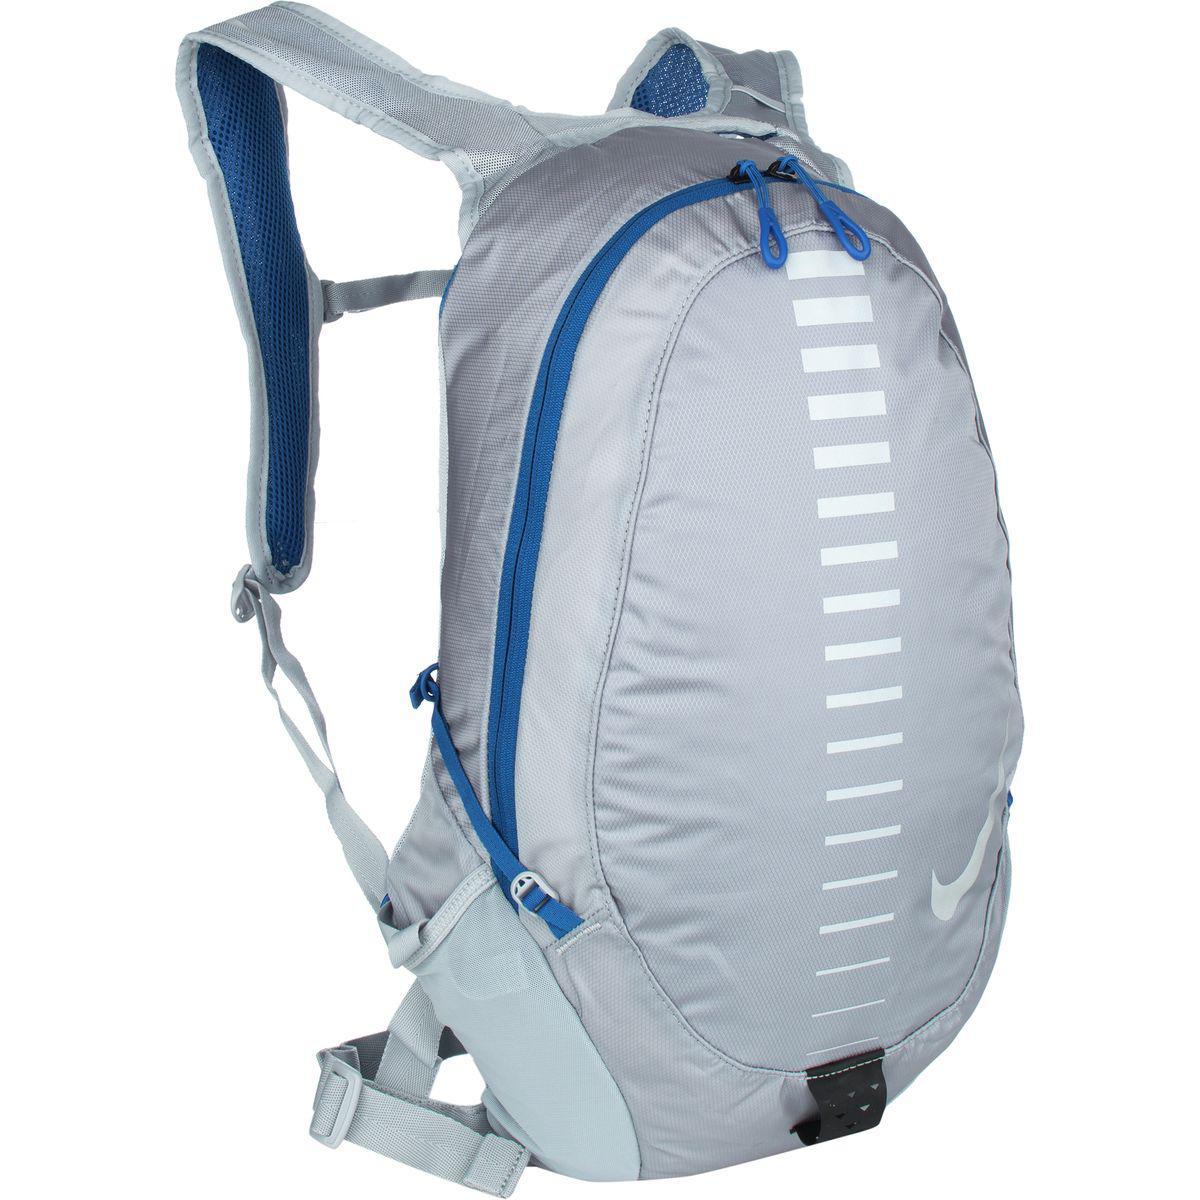 da2112bbca04 Lyst - Nike Commuter Running Backpack in Blue for Men